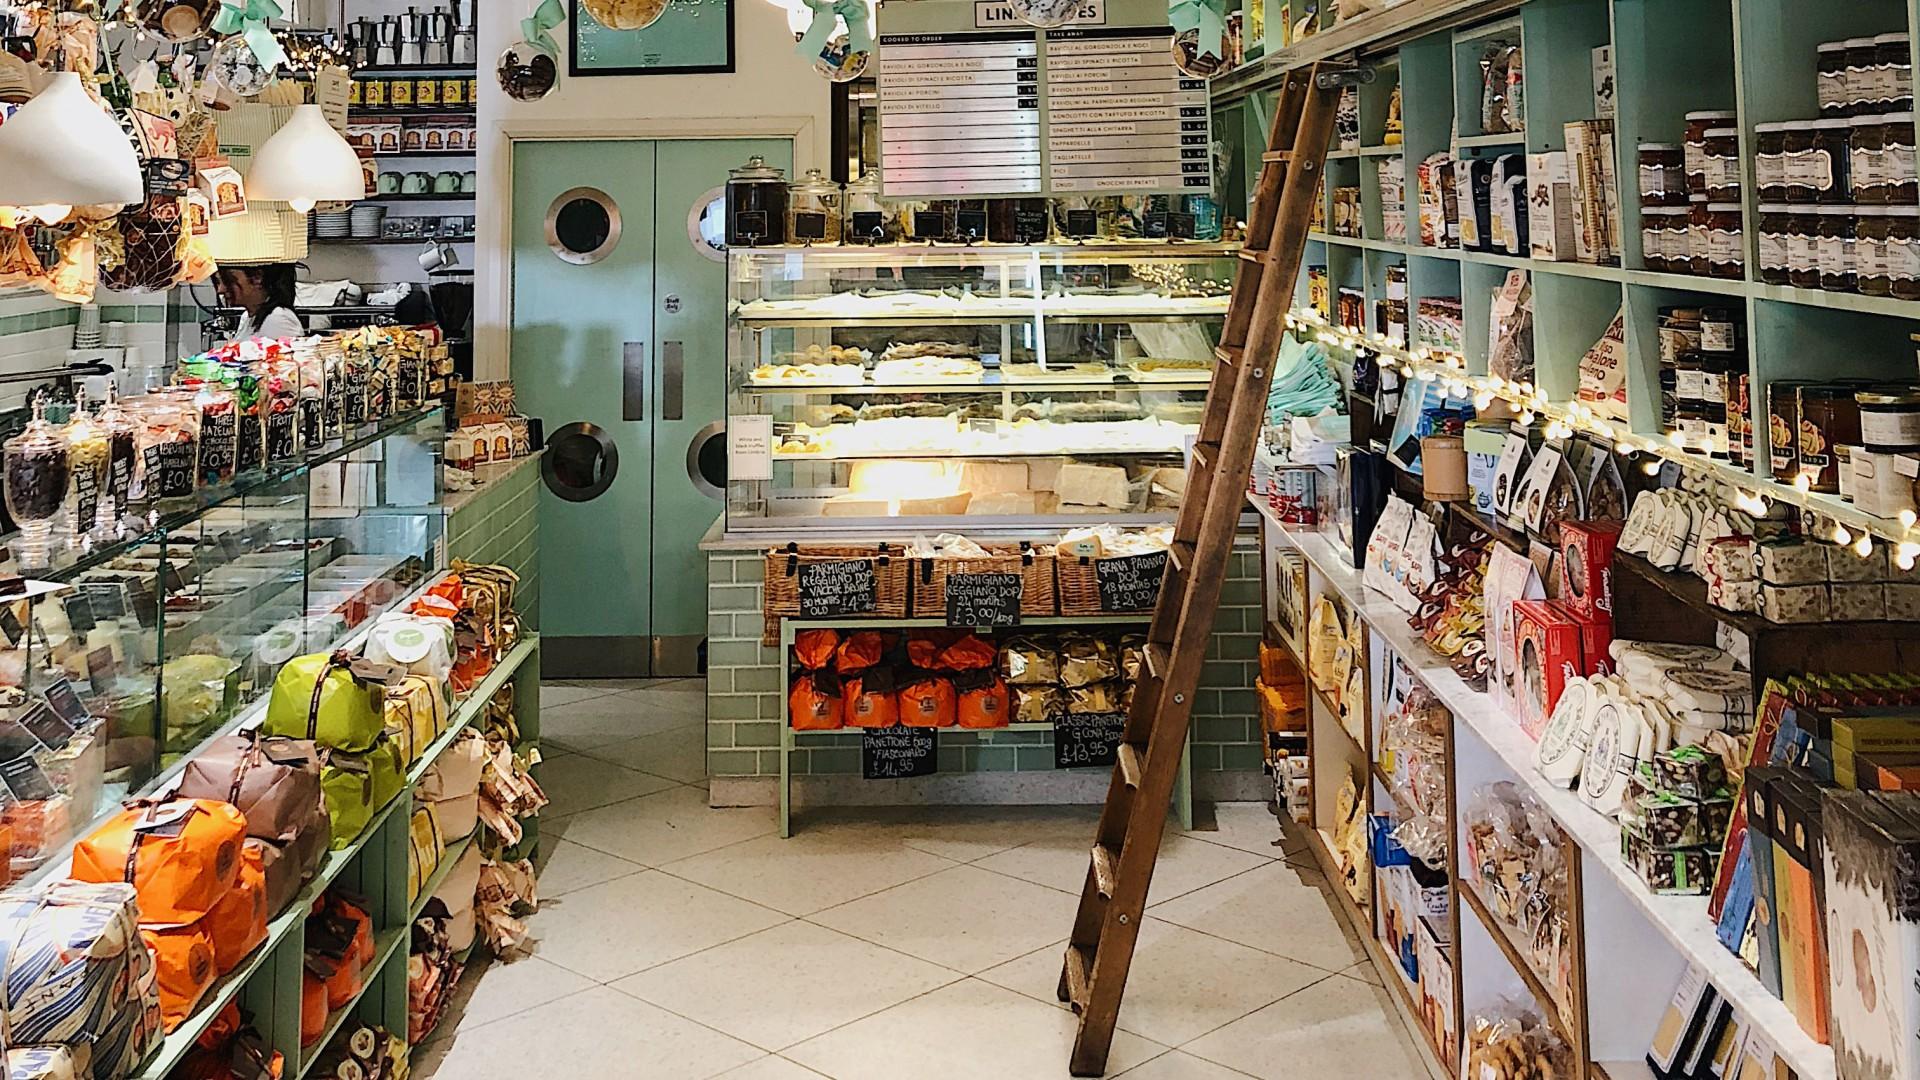 Lina Stores Deli